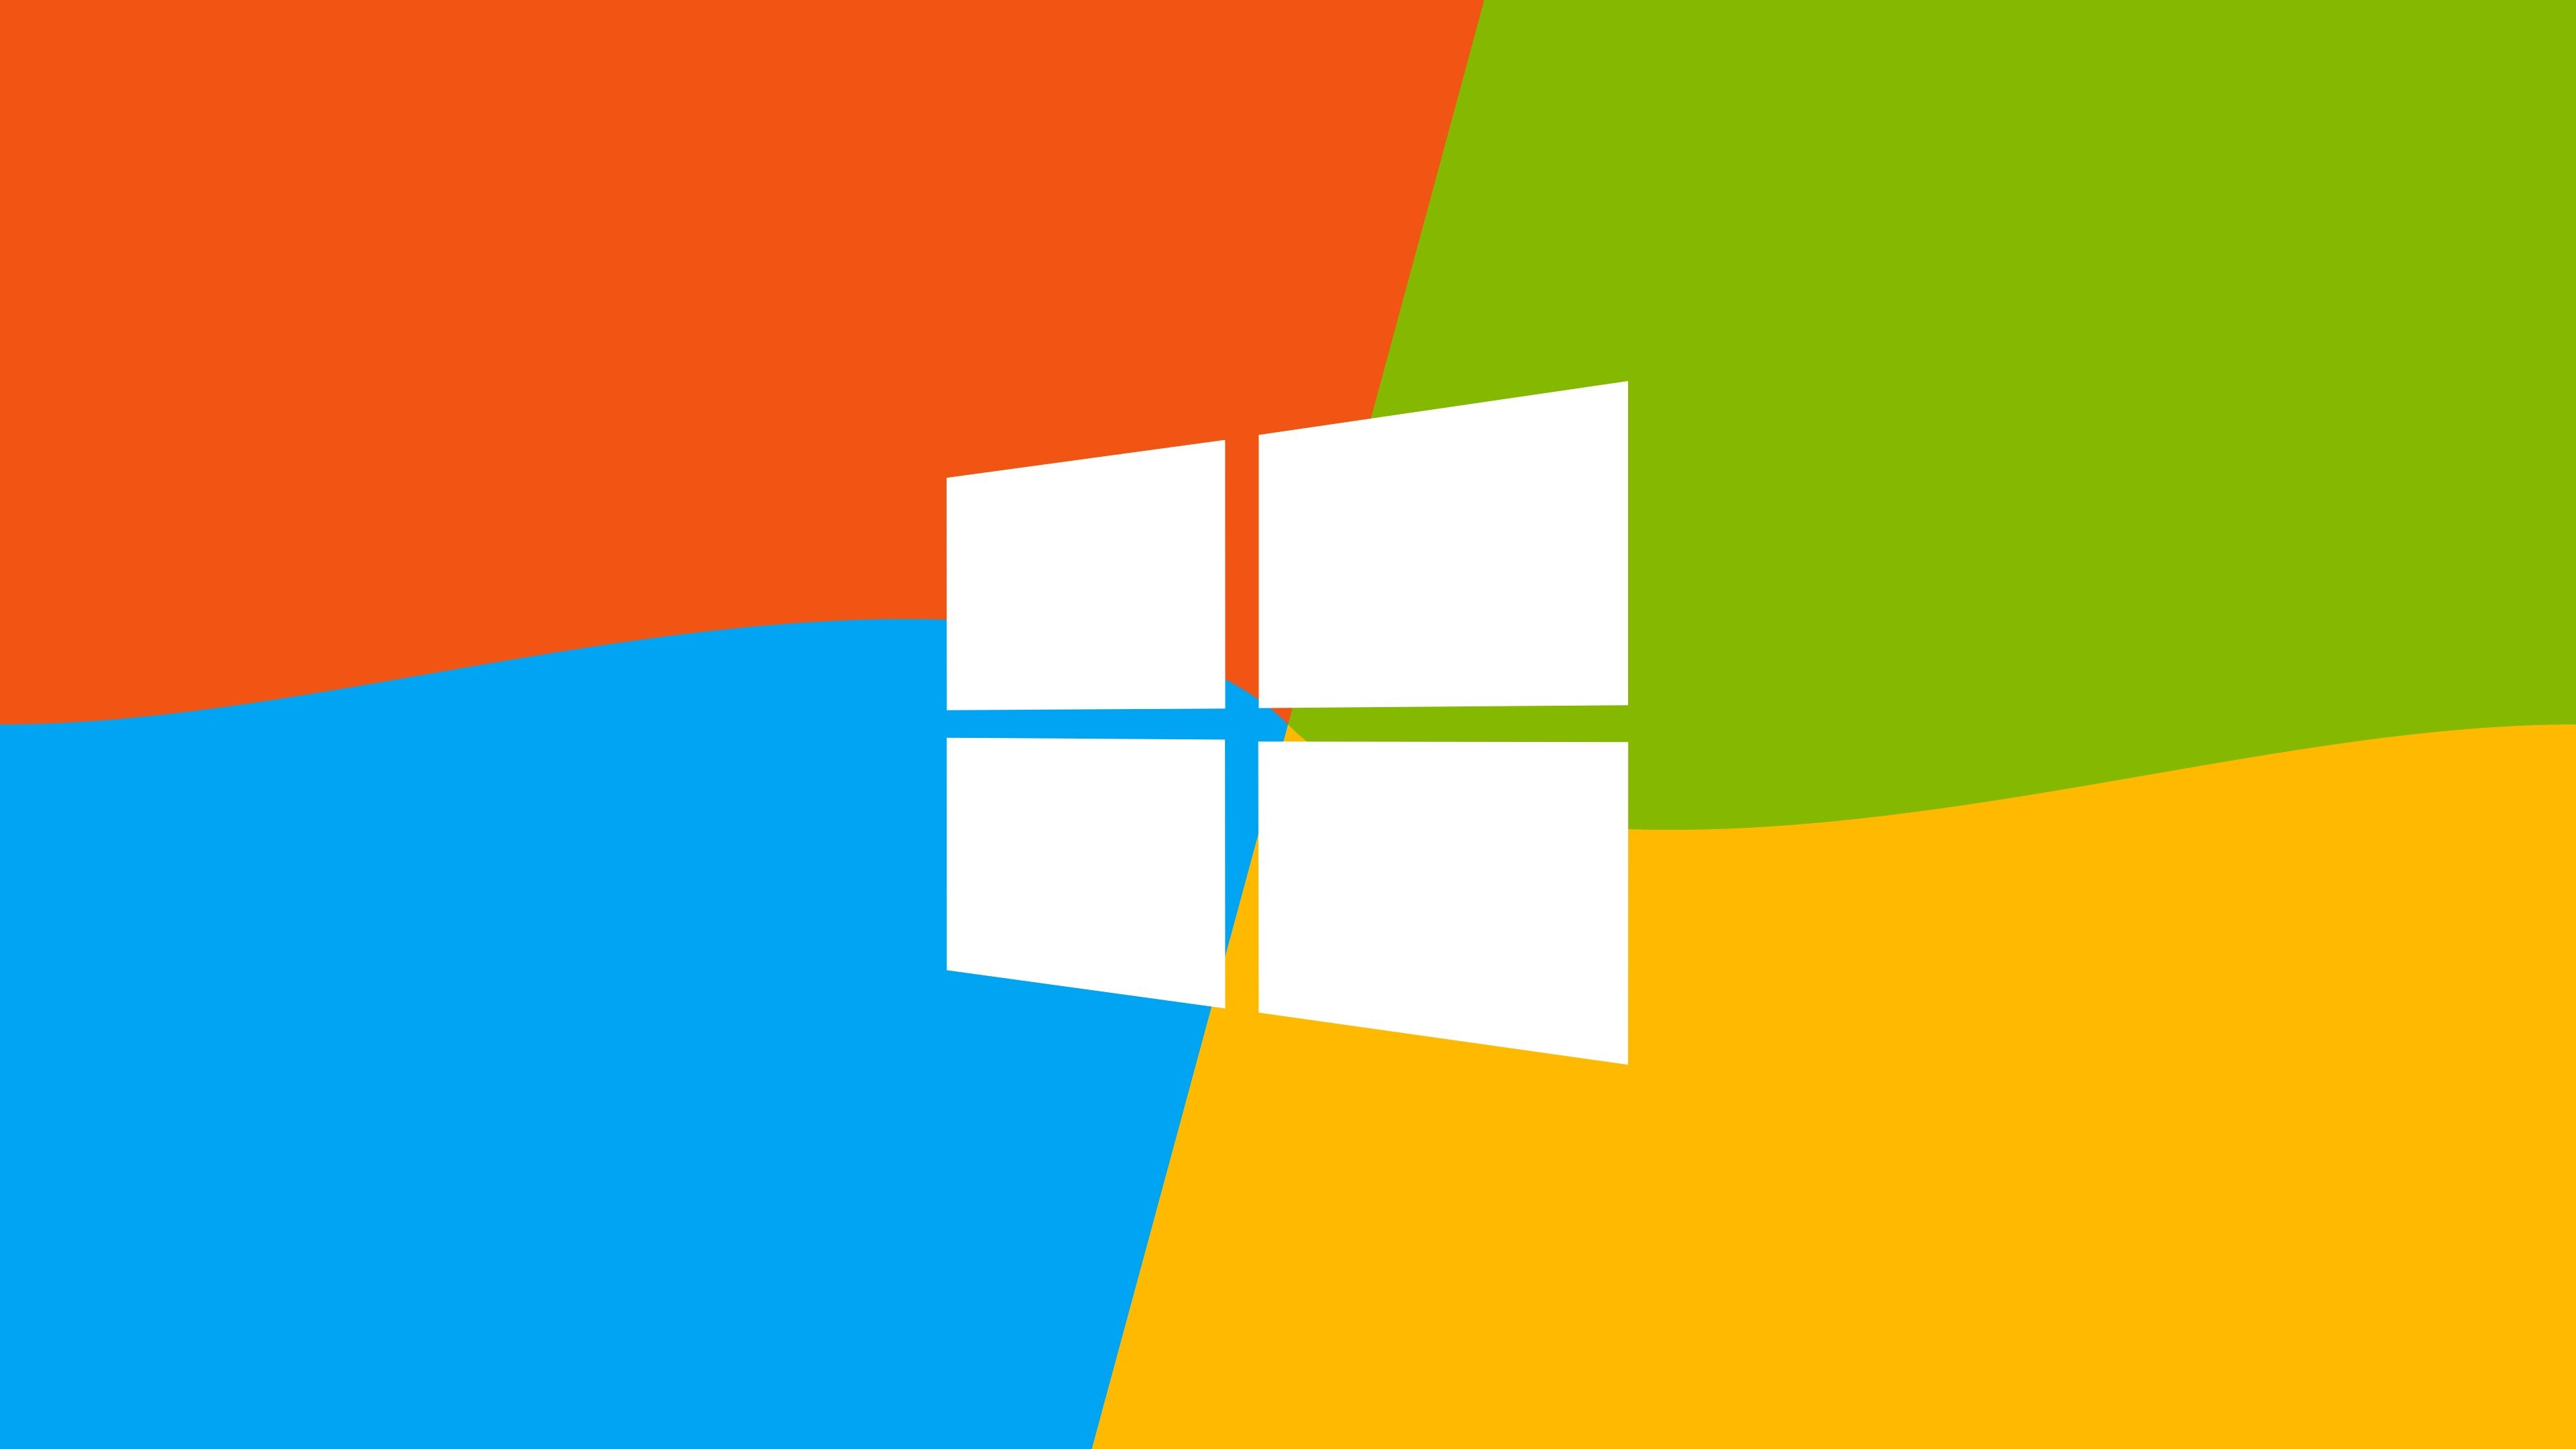 Widescreen HD Windows 10 Wallpaper (64+ Images